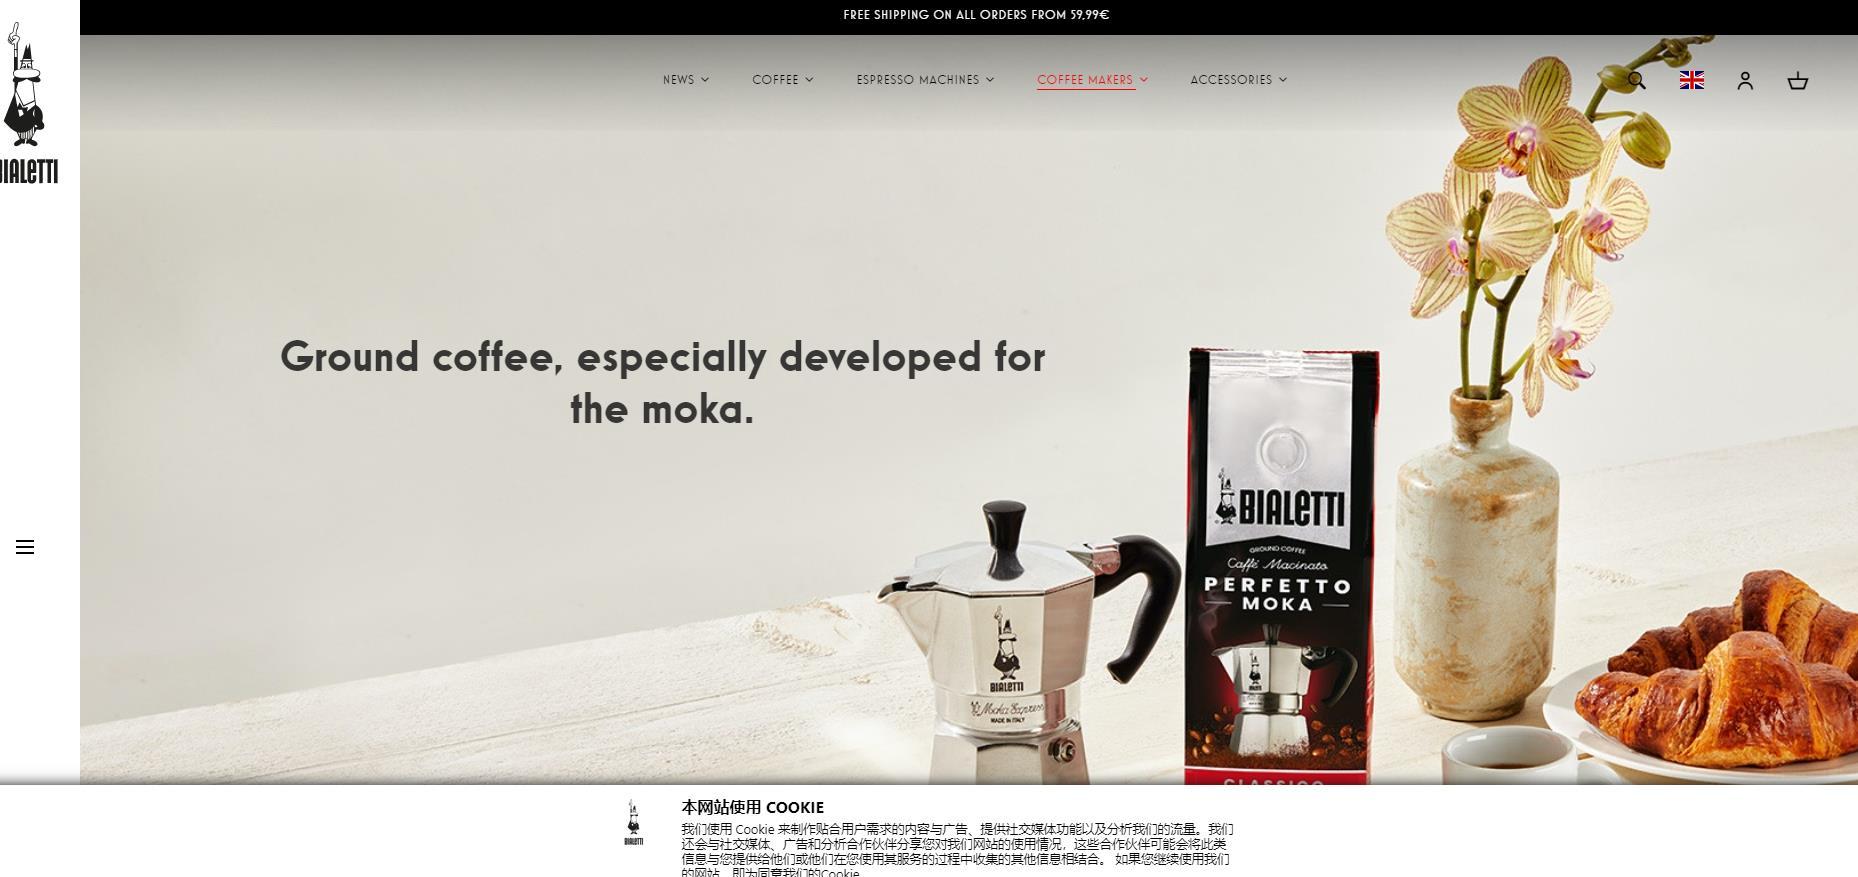 比乐蒂(BIALETTI)官网 比乐蒂咖啡器具官方旗舰店